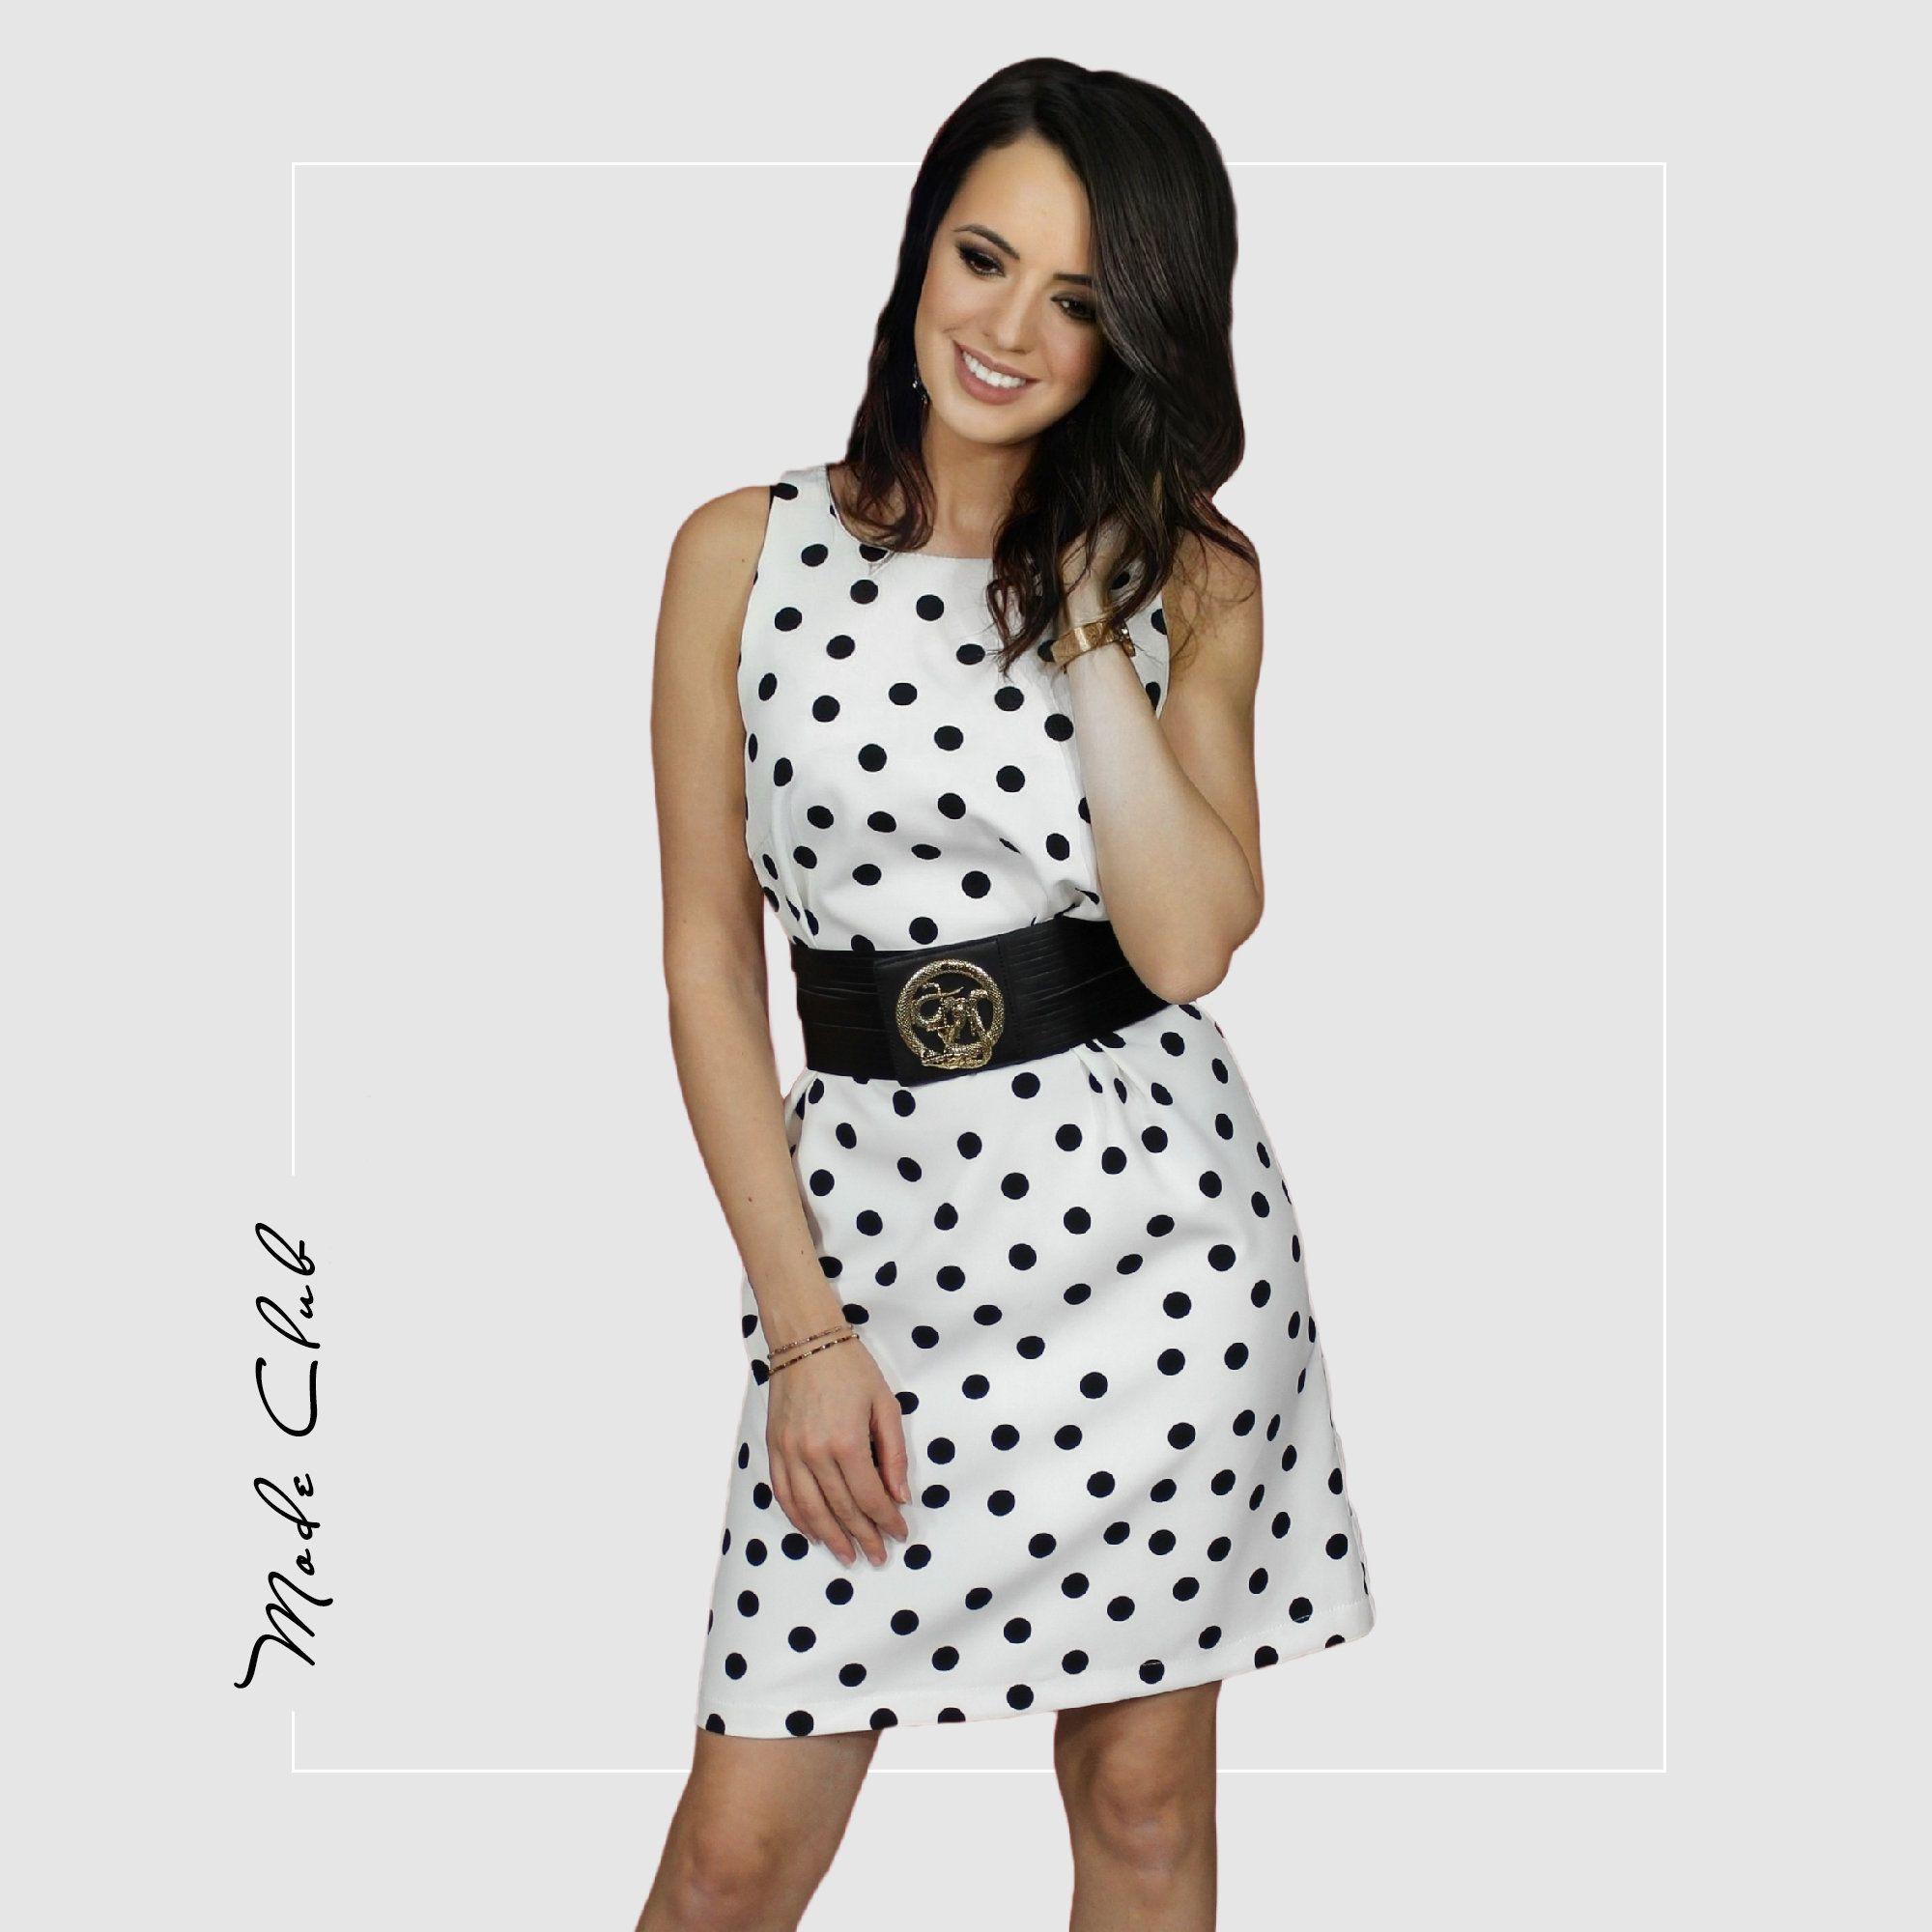 Kleid mit Punktmuster, Etuikleid schwarz-weiß mit ...